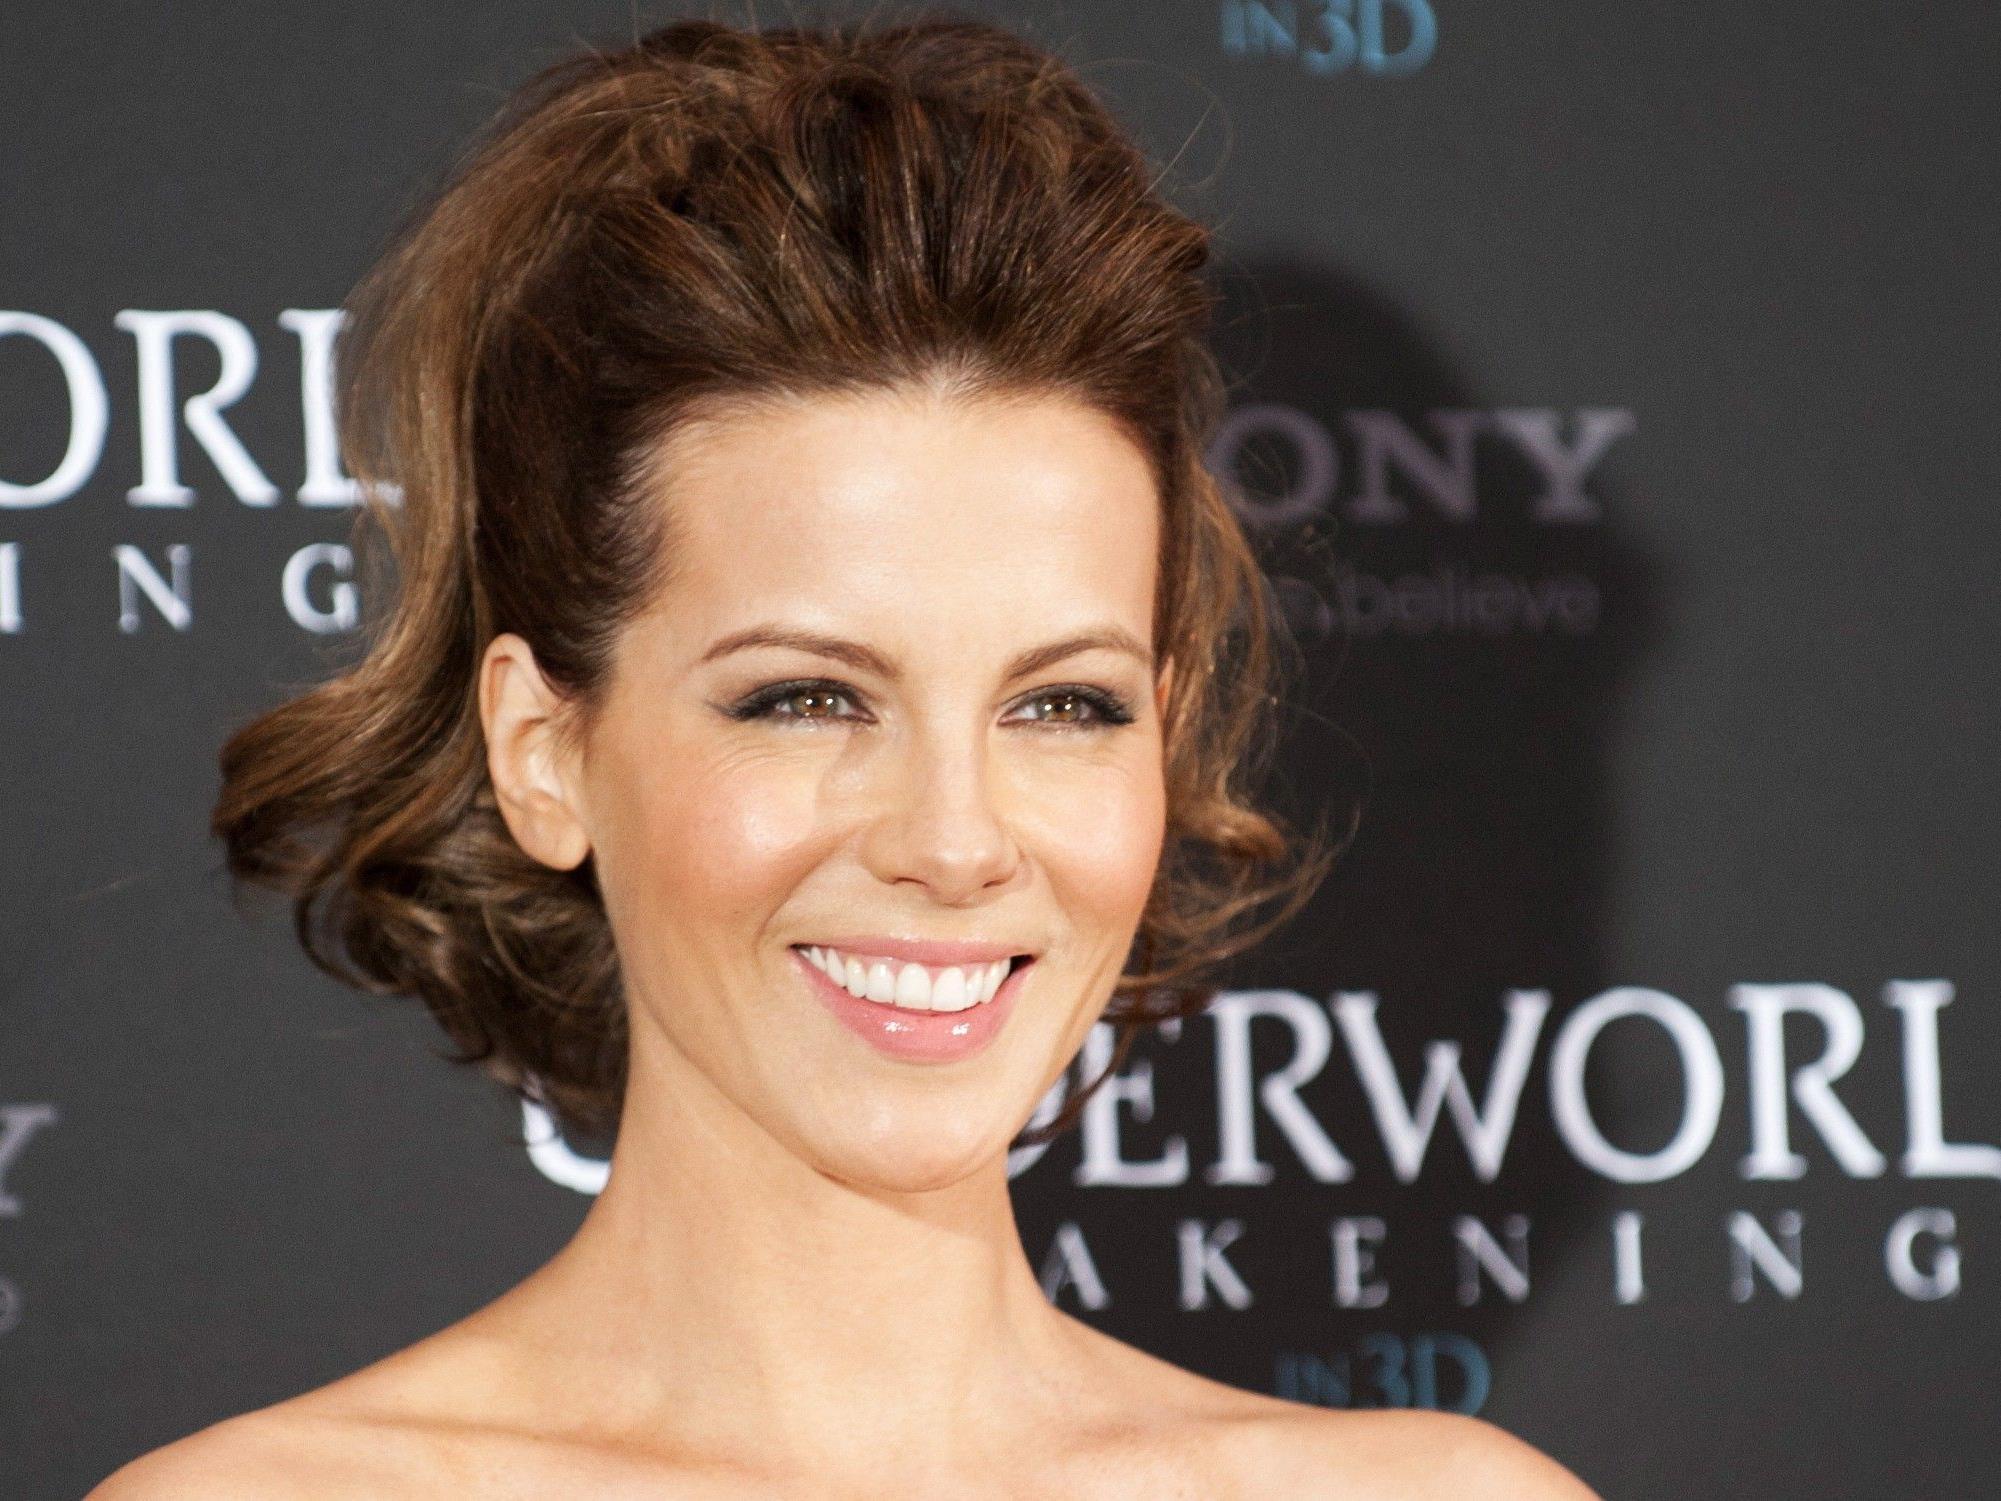 """Beckinsale schlüpfte für die Filmreihe """"Underworld"""" bereits zum dritten Mal in die Rolle der Vampirkriegerin Selene."""